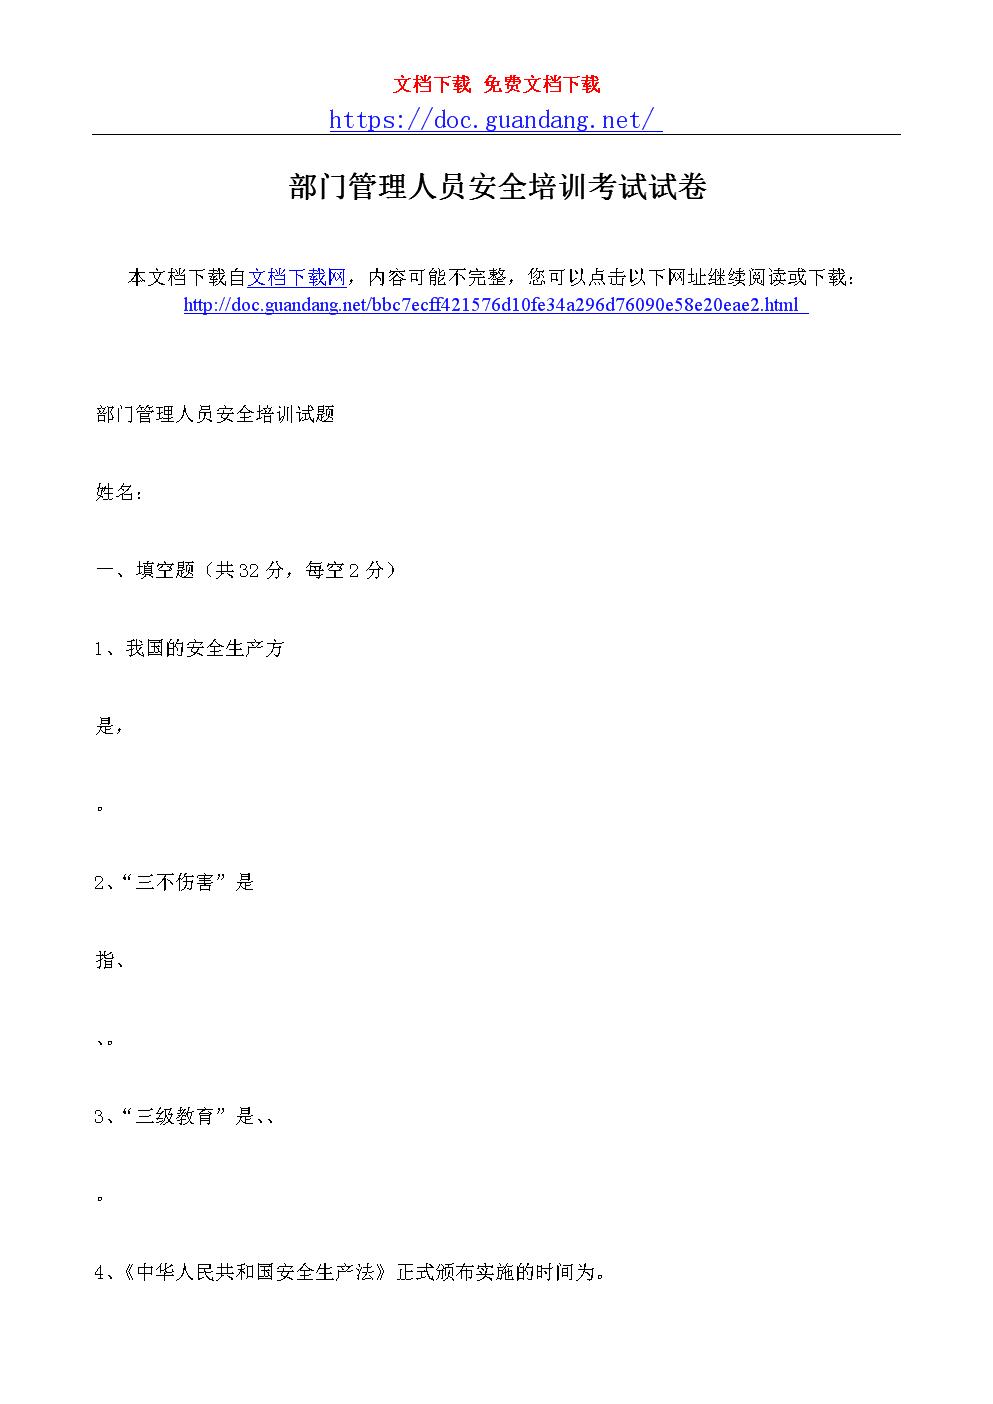 部门管理人员安全培训考试试卷.doc